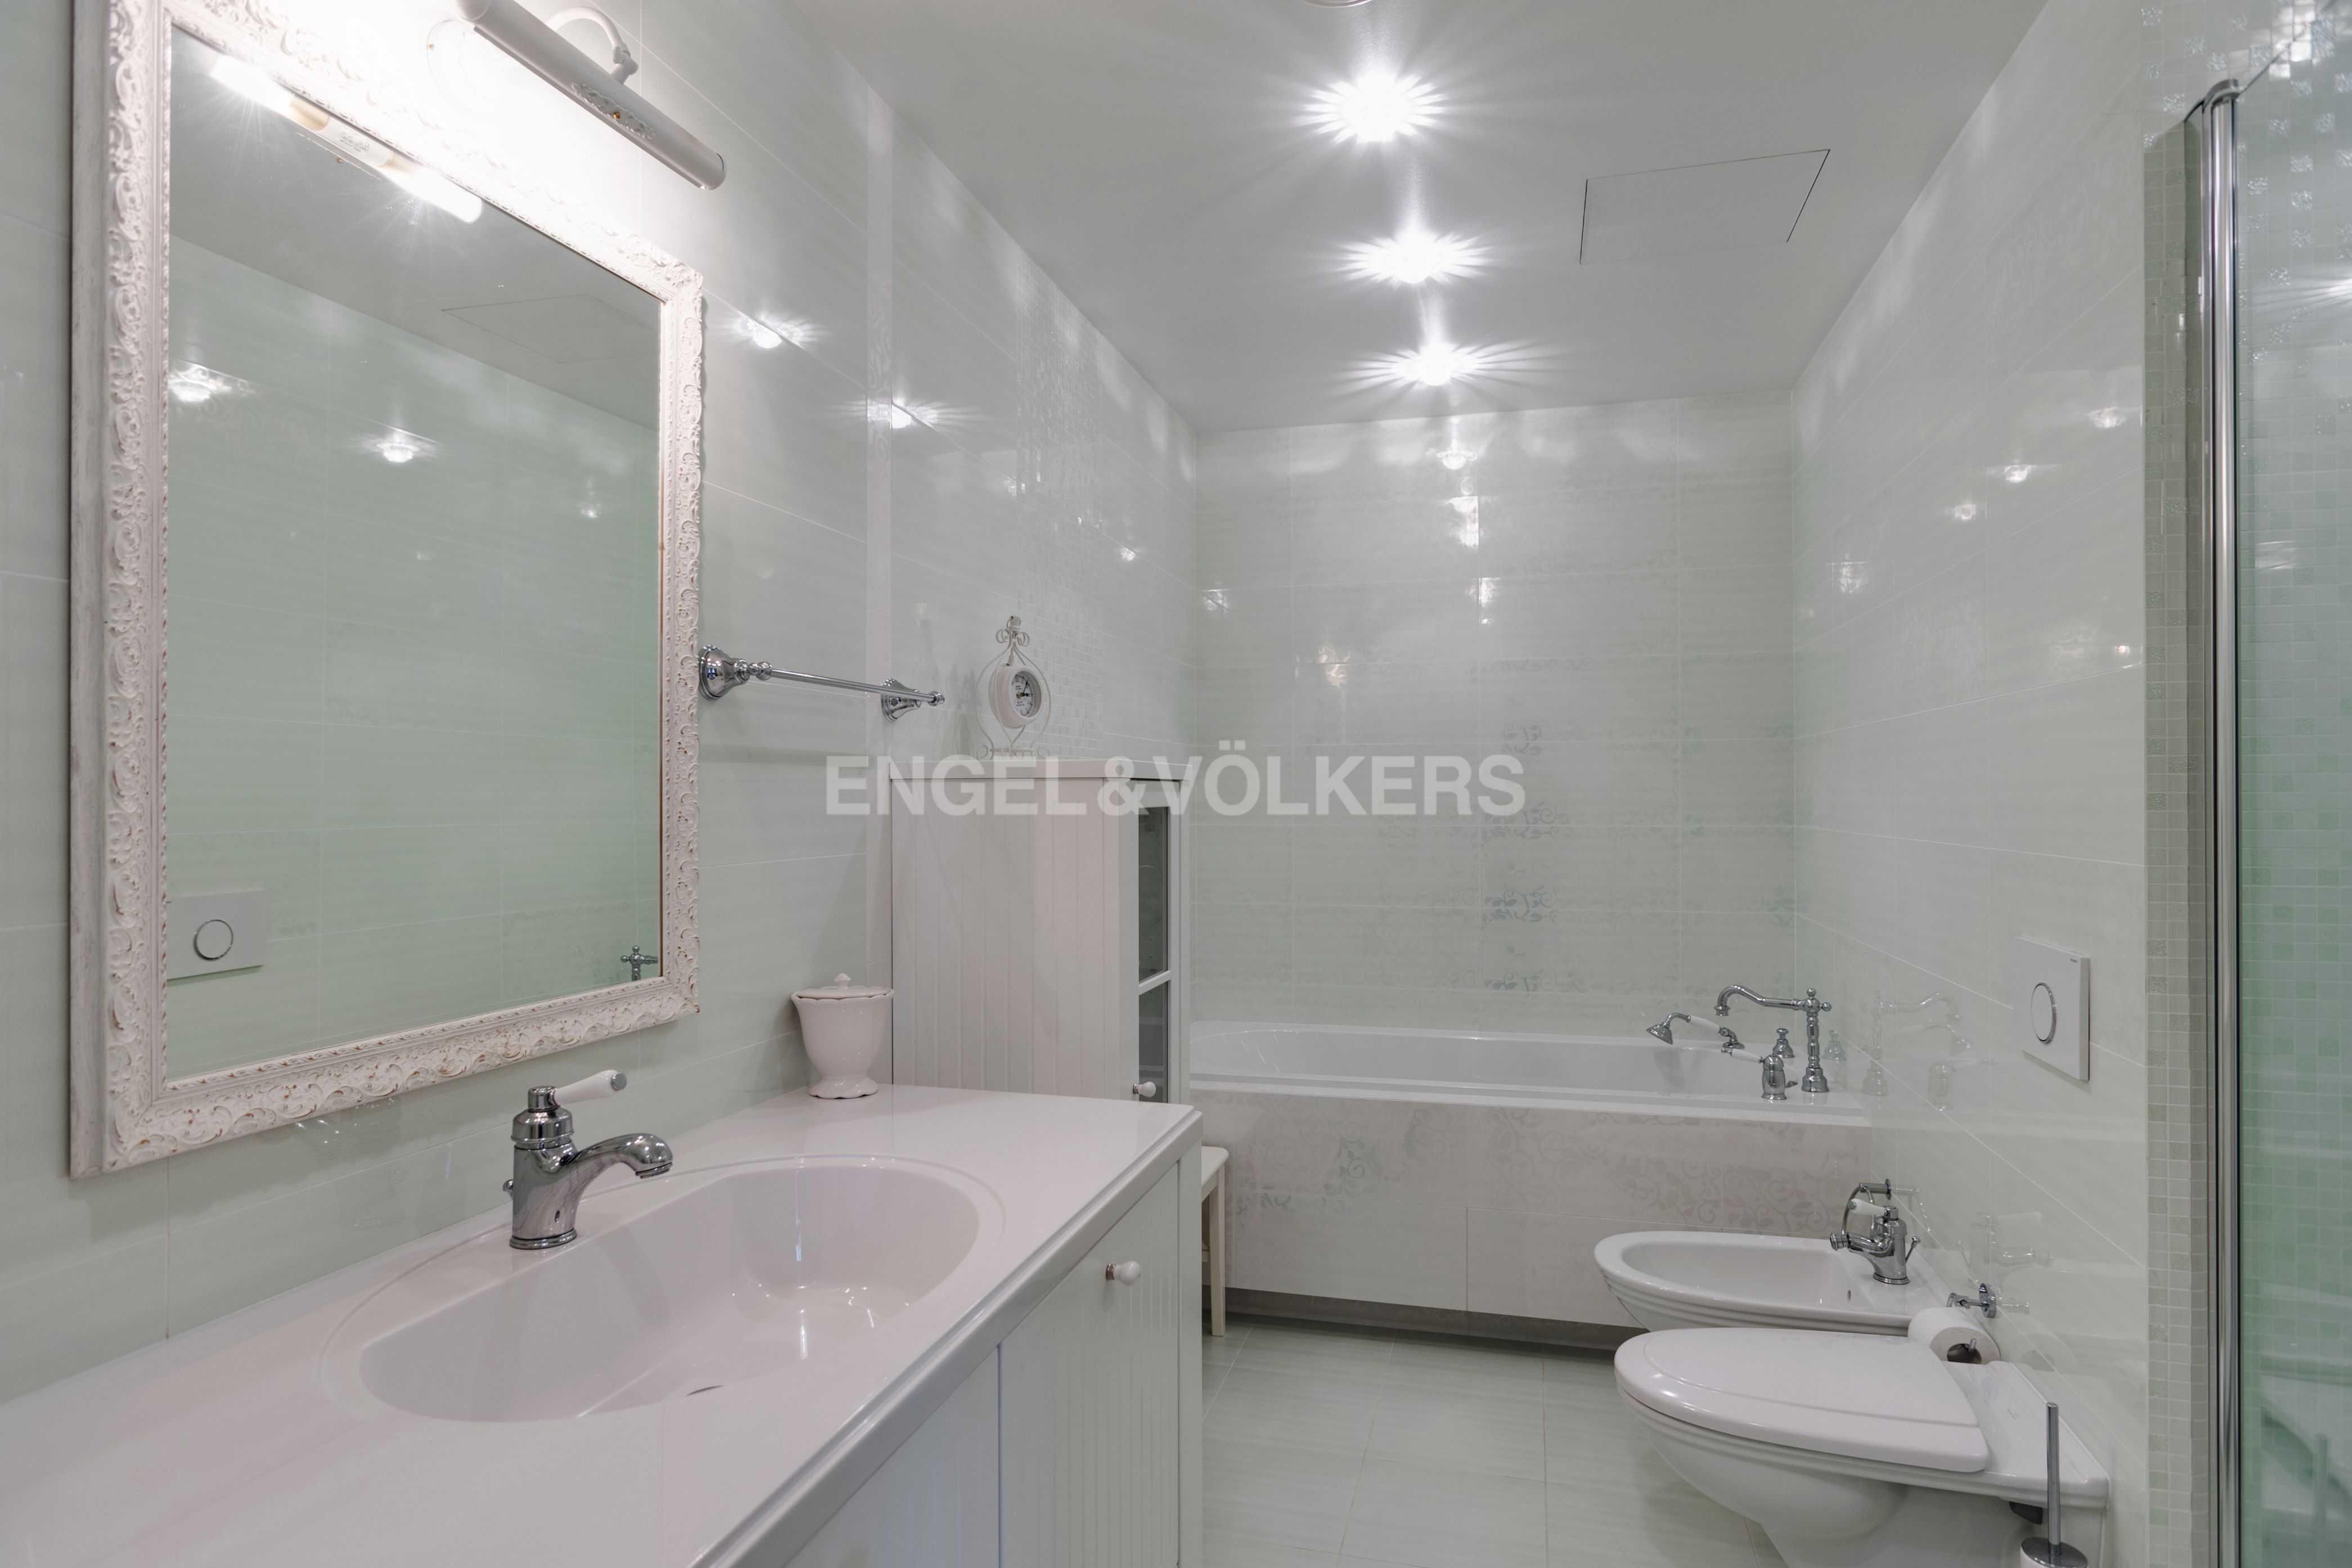 Элитные квартиры в Центральном районе. Санкт-Петербург, Тверская ул., 1A . Ванная комната в спальне